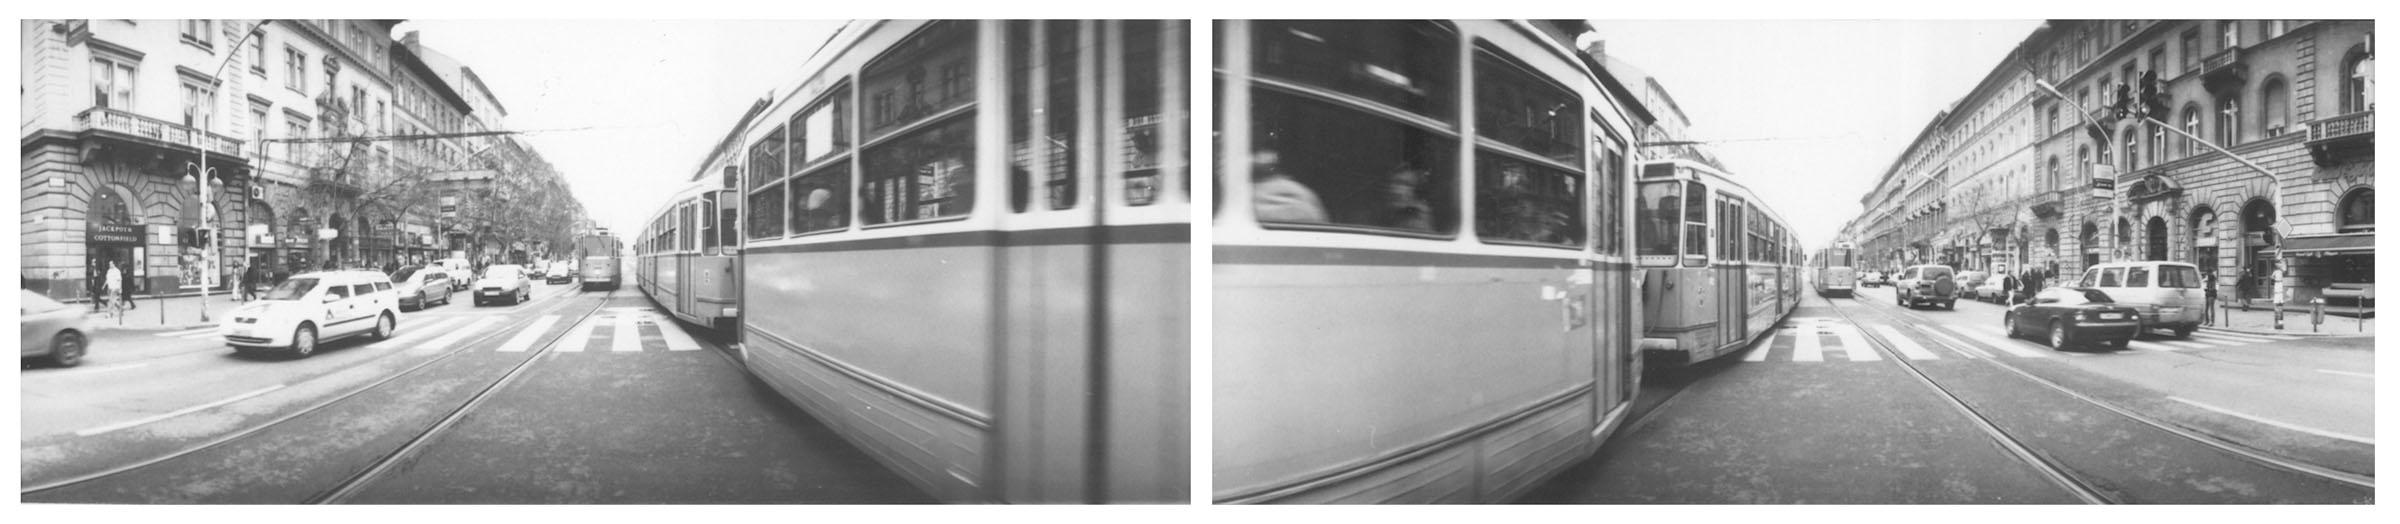 2004.09.18. Hétköznapok fotópályázat - Mag Krisztina Szilvia - Oktogon.jpg